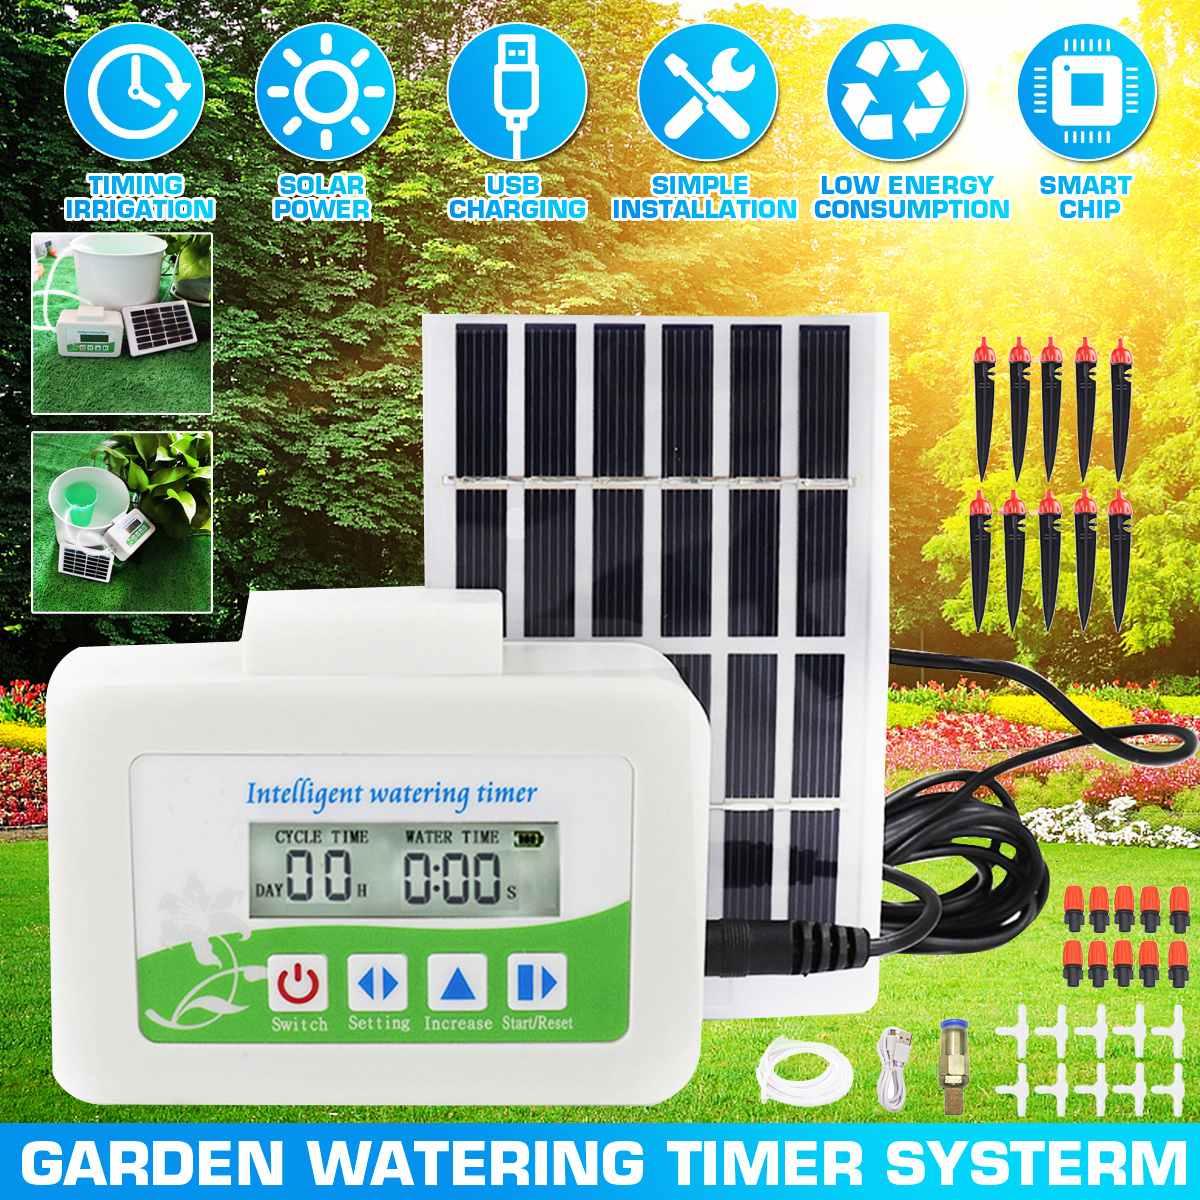 Tropf Bewässerung Solar Bewässerung System Outdoor Garten Automatische Bewässerung Timer Solar Lade Gerät Anlage Bewässerung Düse